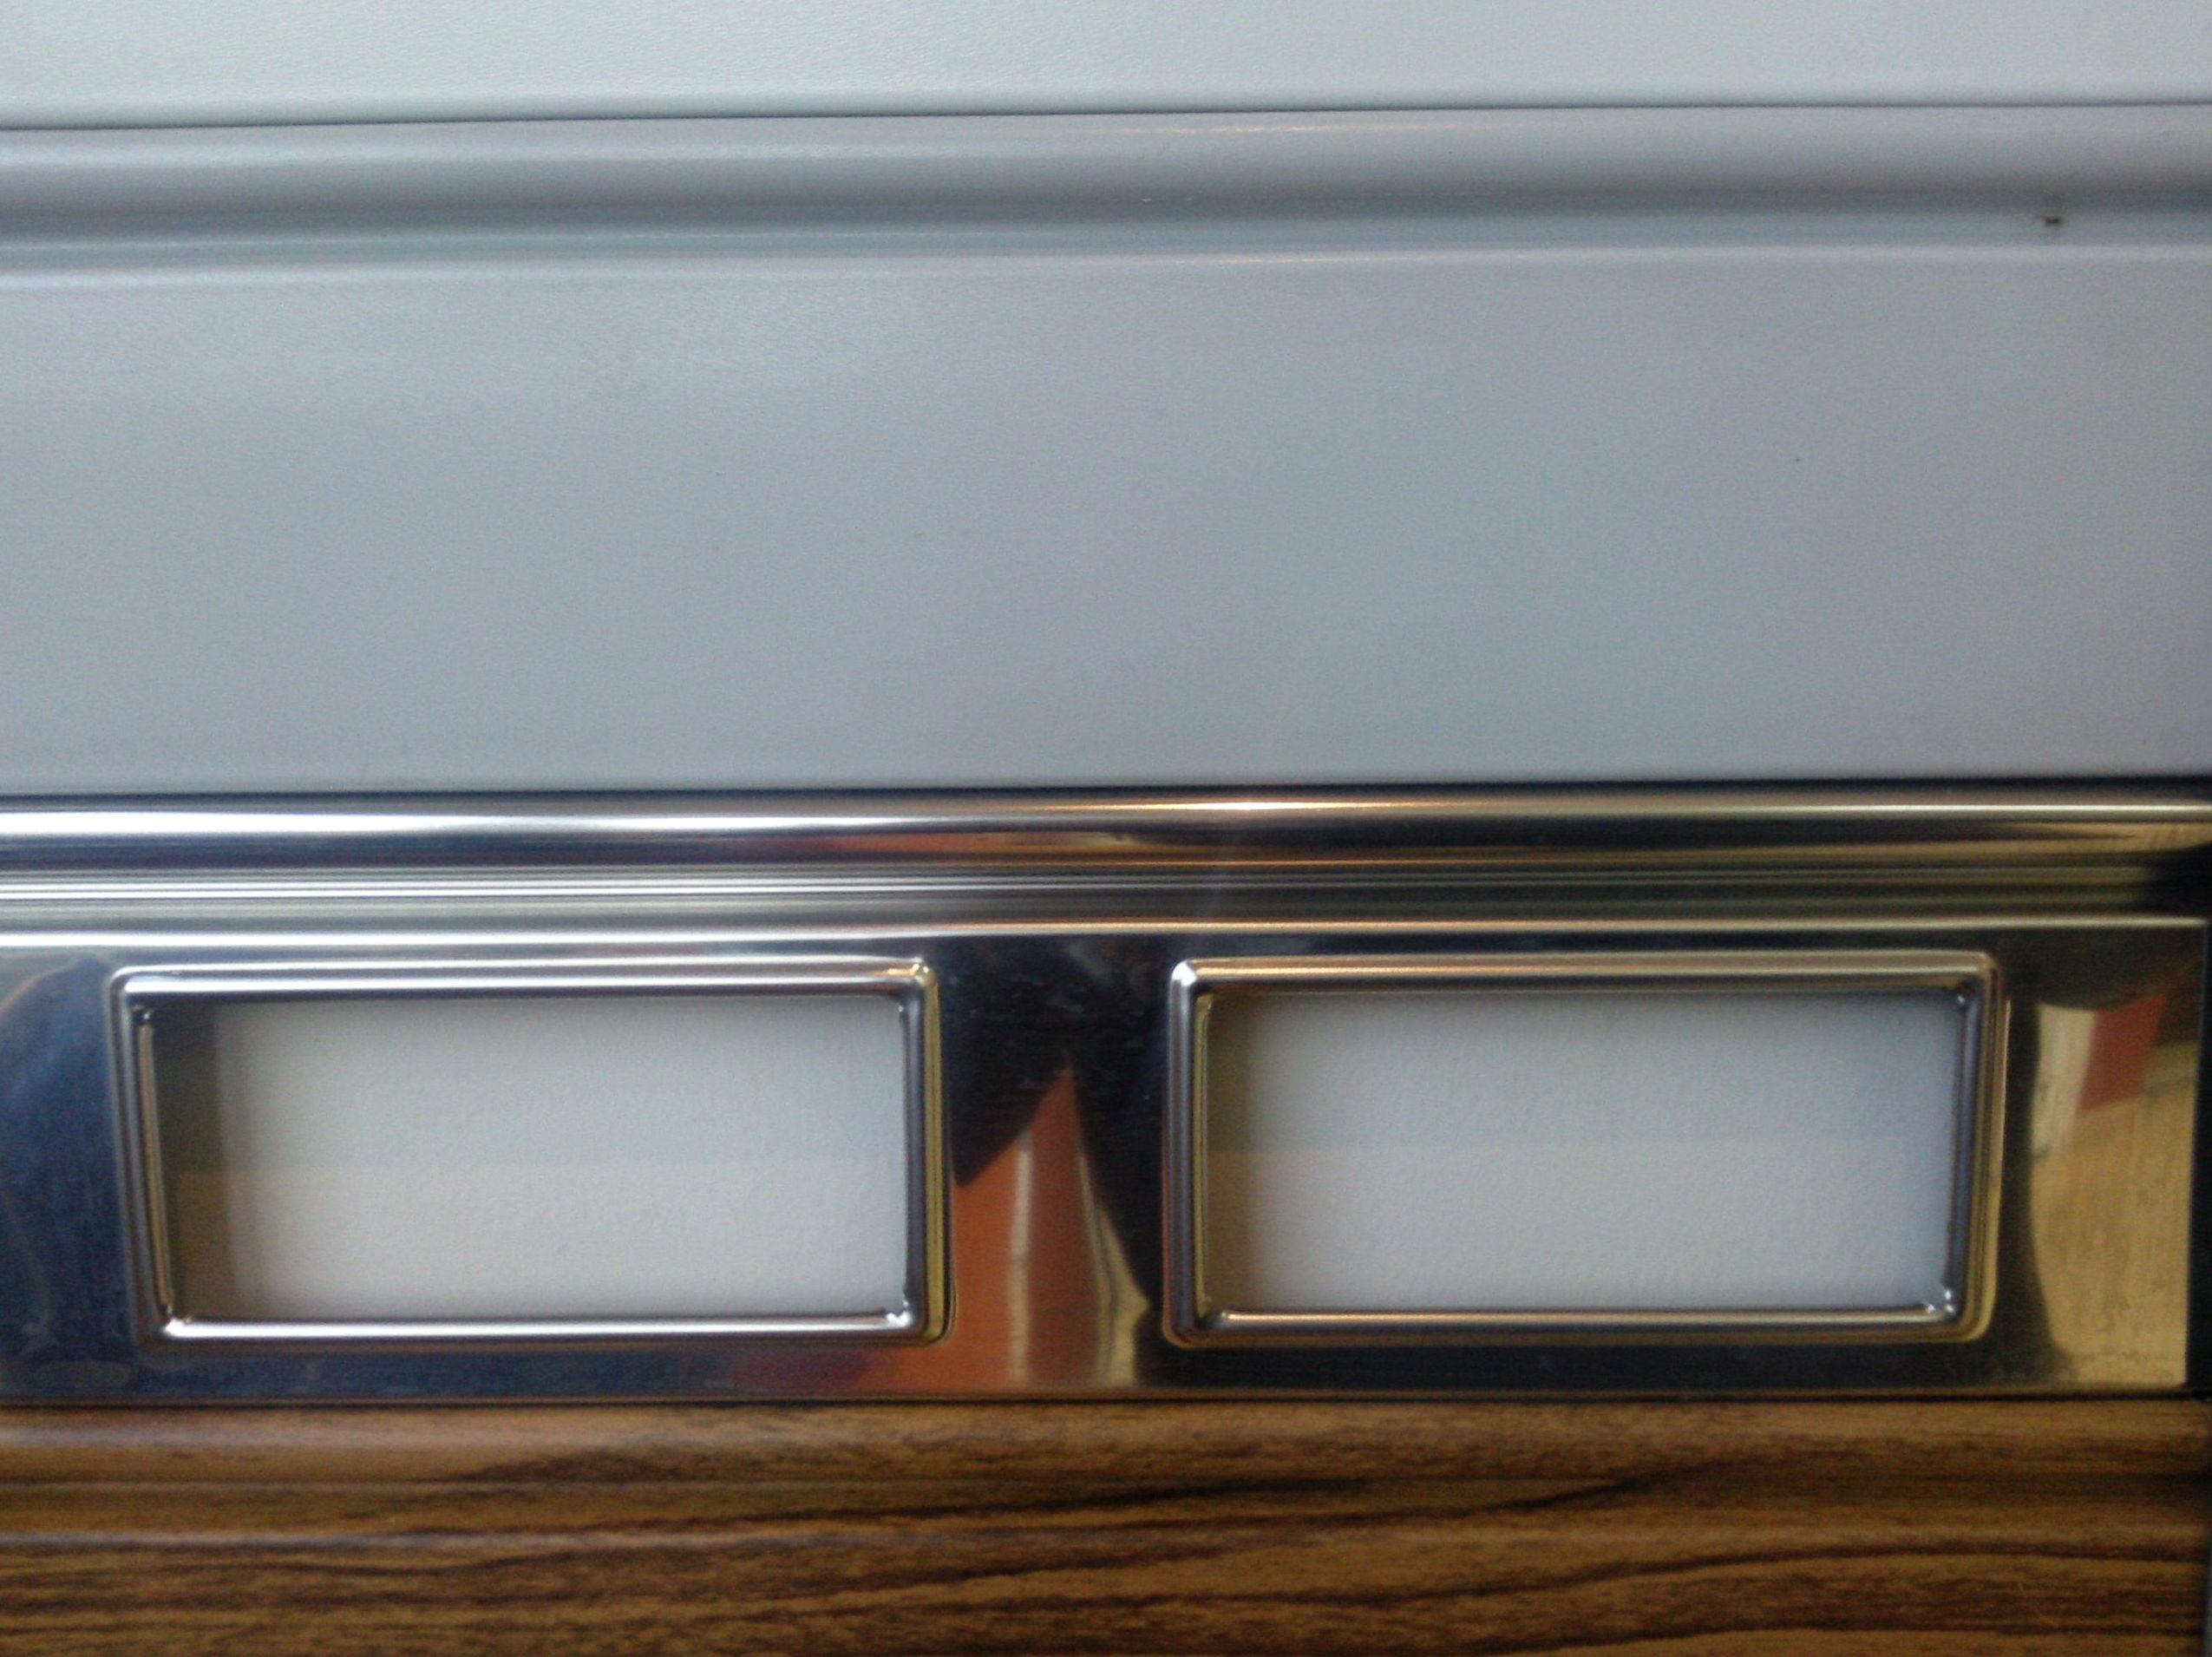 Lamas de puerta enrollable metálicas y acero inoxidable